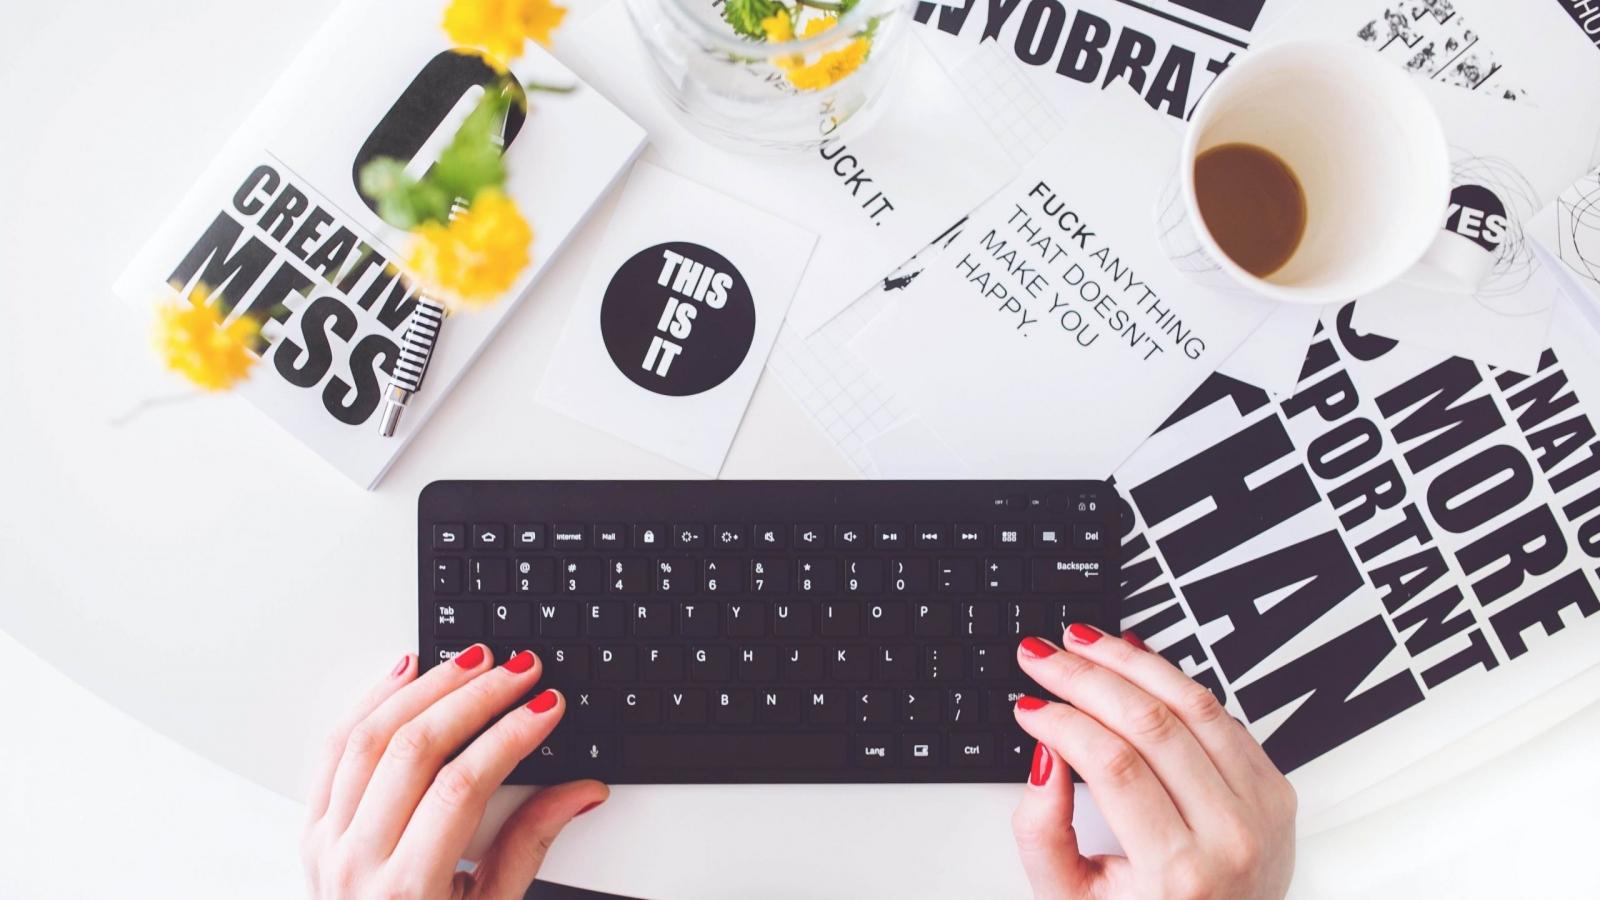 Tastatur und verschiedene Flyer